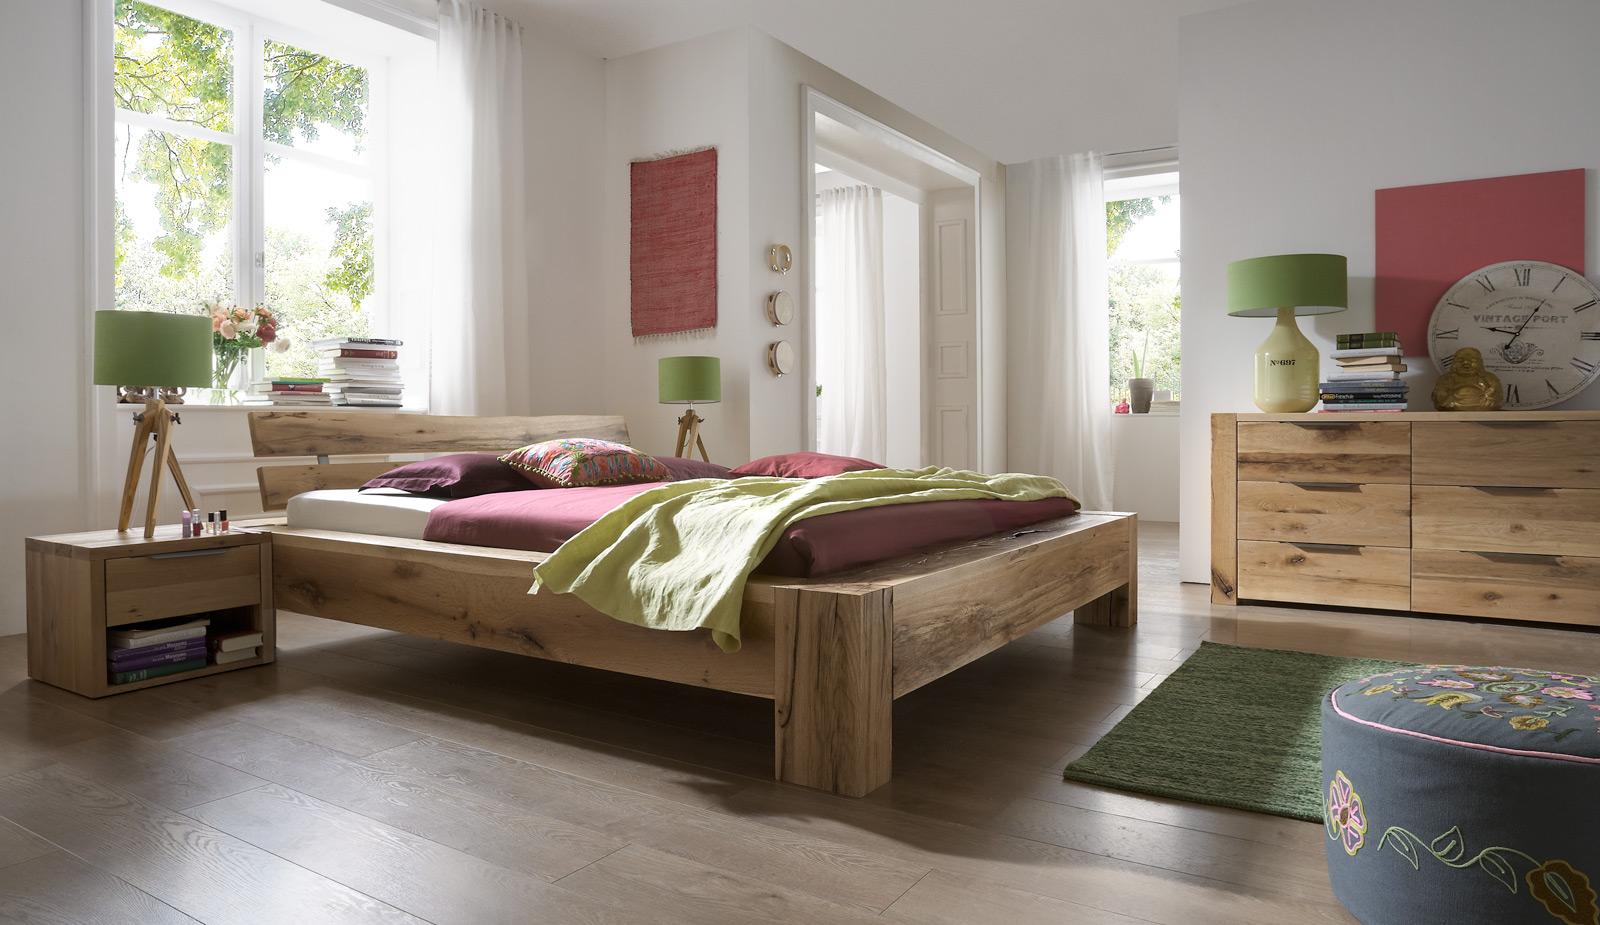 Sam balkenbett massiv alma eiche 200x200 cm geteilt for Farbauswahl wohnung